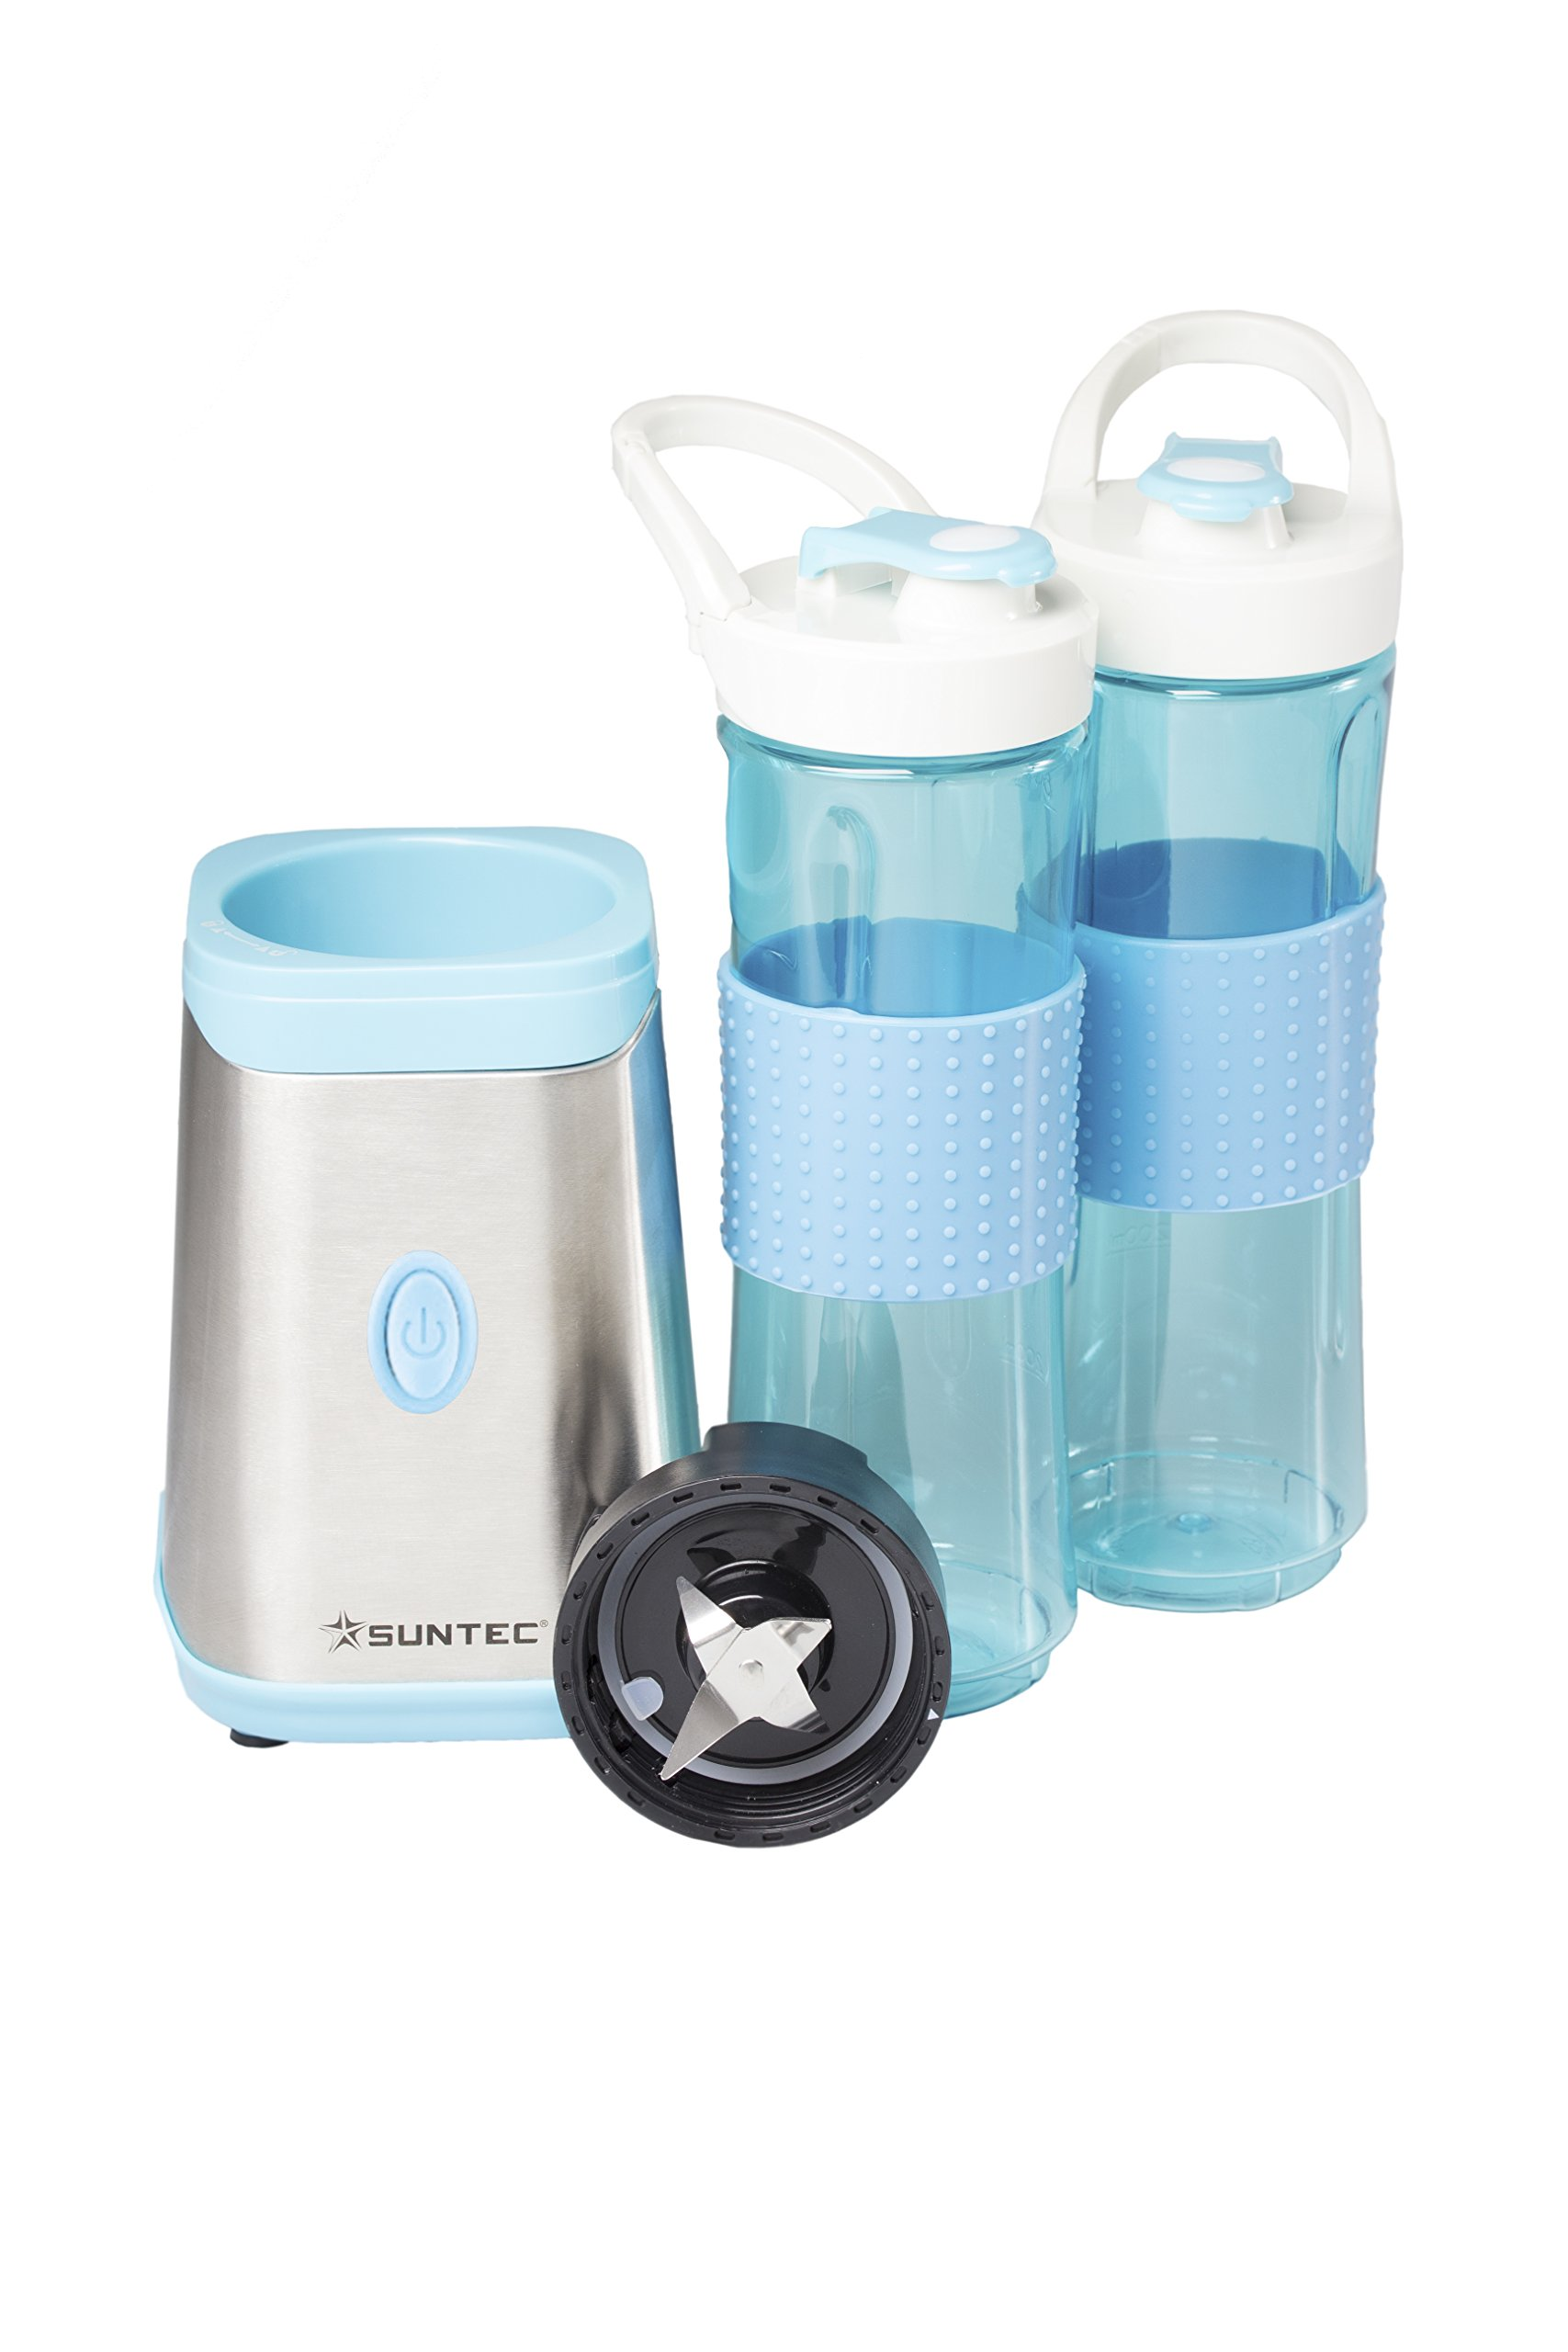 SUNTEC-Smoothie-Maker-SMO-9936-Inkl-2-Sportflaschen–600-ml-mit-Karabinerverschluss-auch-fr-Eis-geeignet-NEU-max-350-Watt